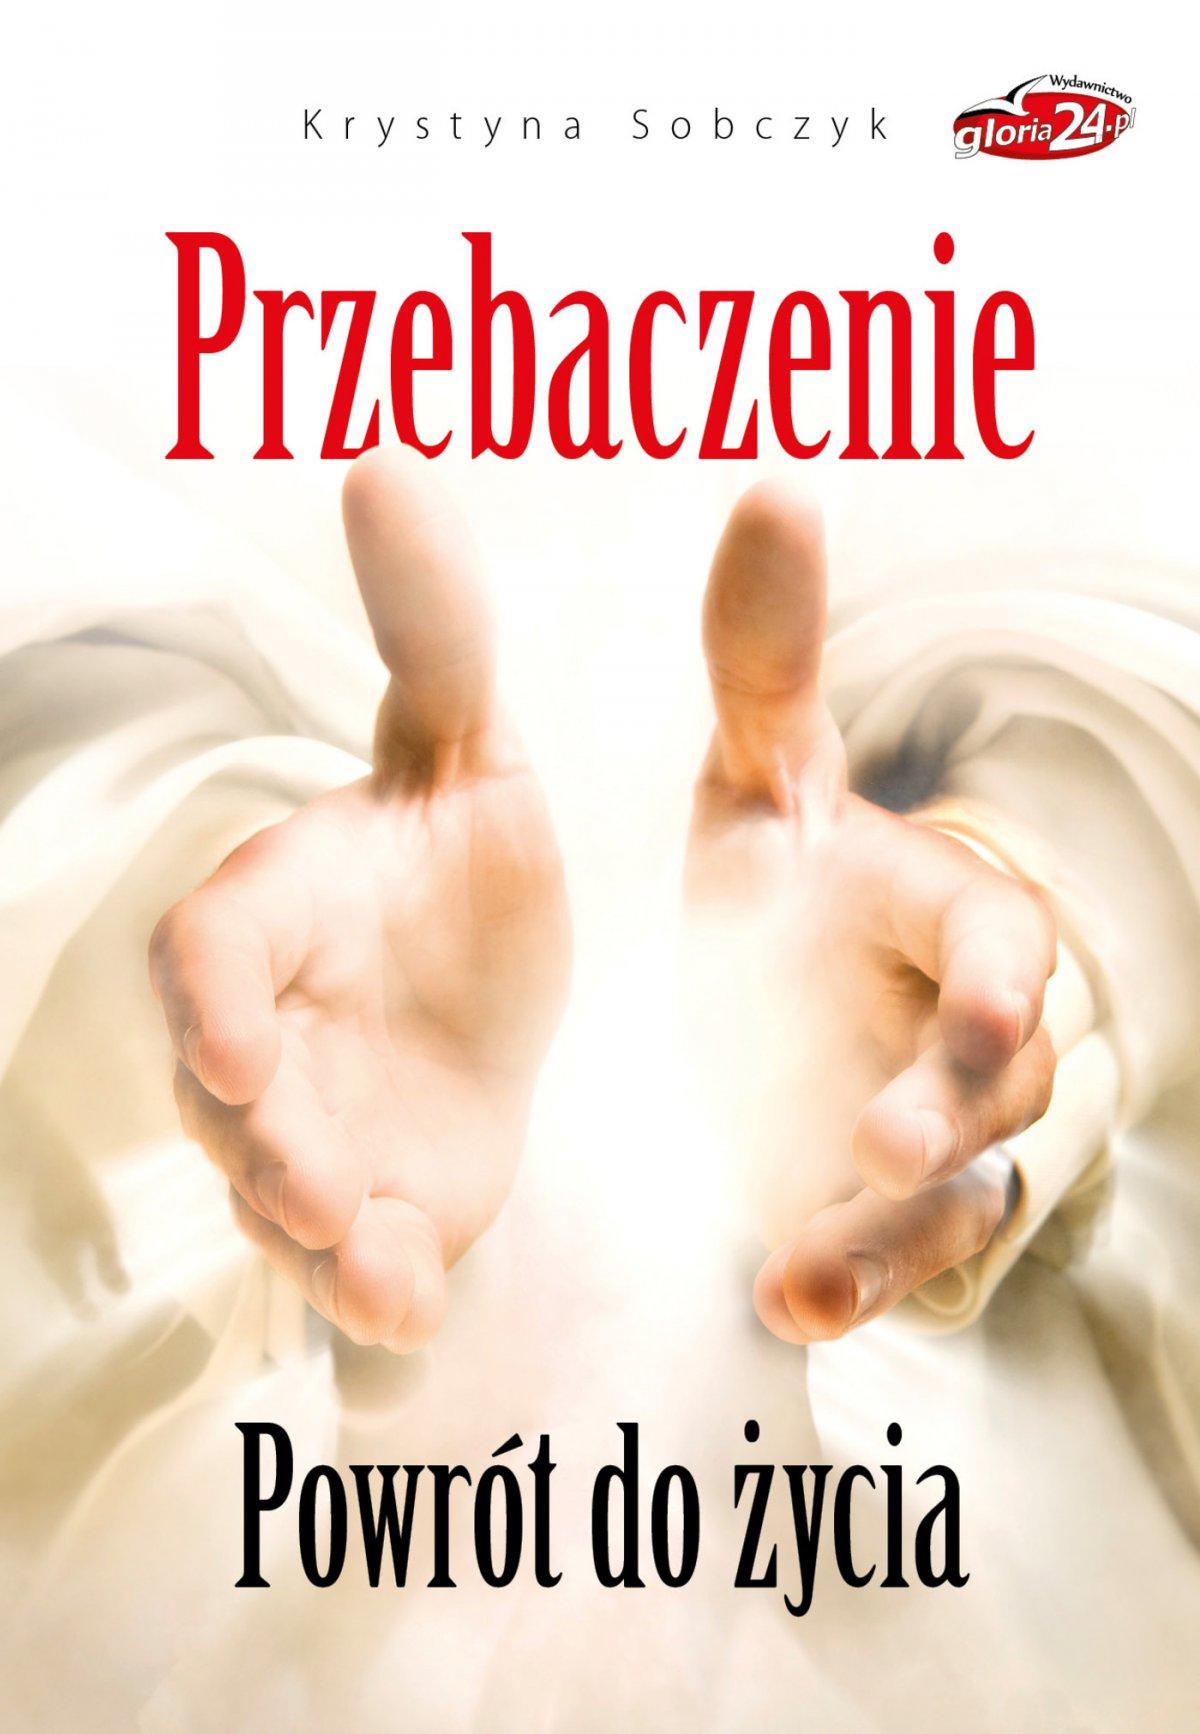 Przebaczenie. Powrót do życia - Ebook (Książka PDF) do pobrania w formacie PDF